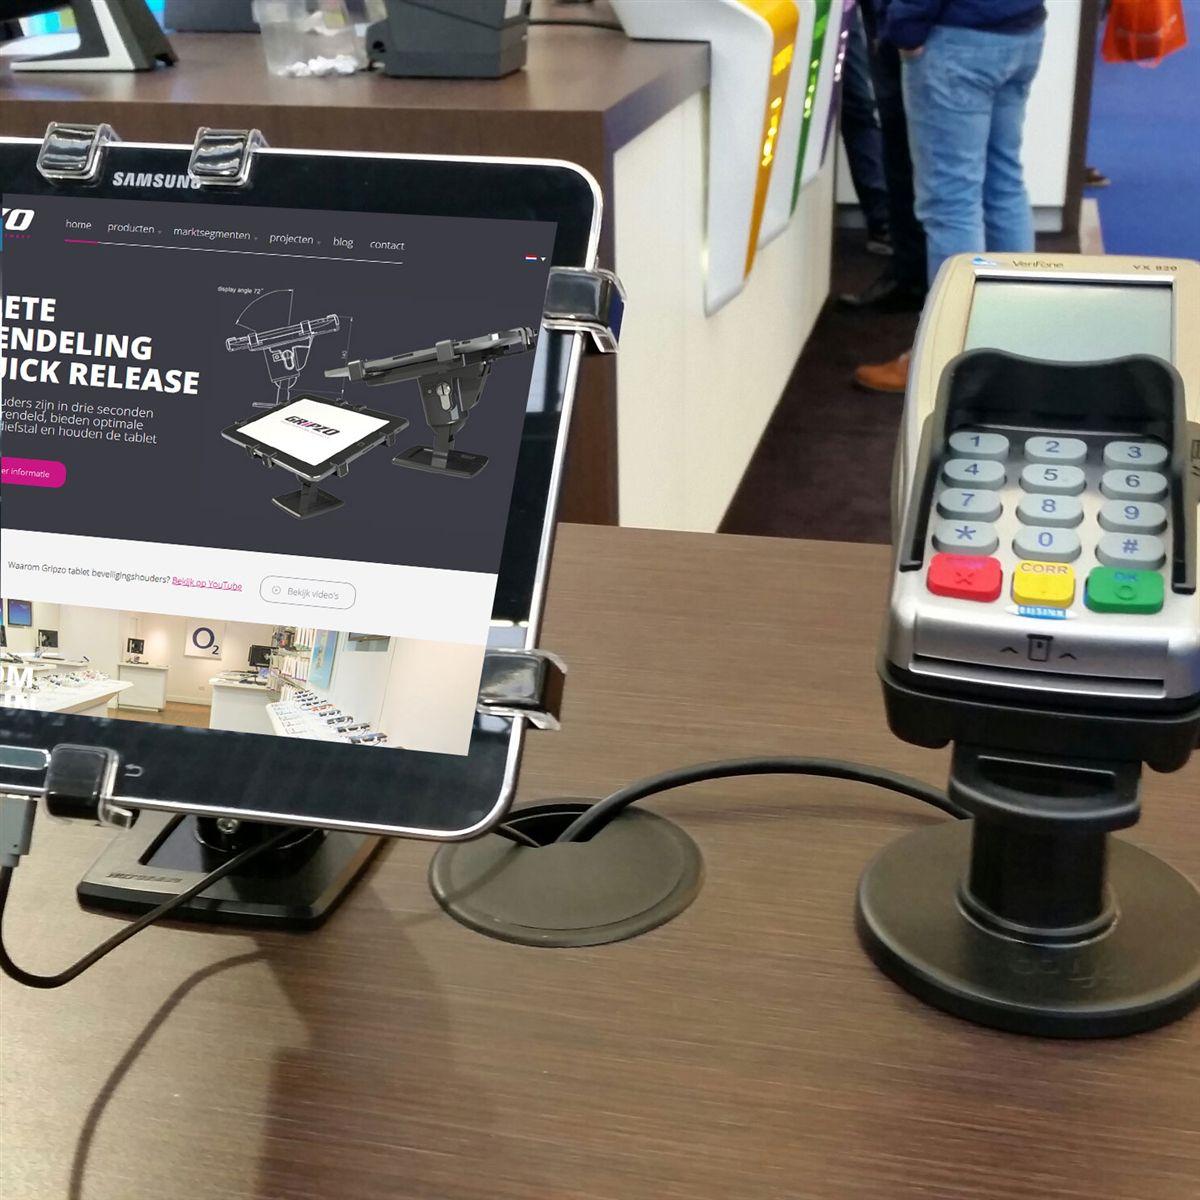 三星GALAXY採用Gripzo平板防盜架做為門市展售的防盜方案,平板防盜展示架